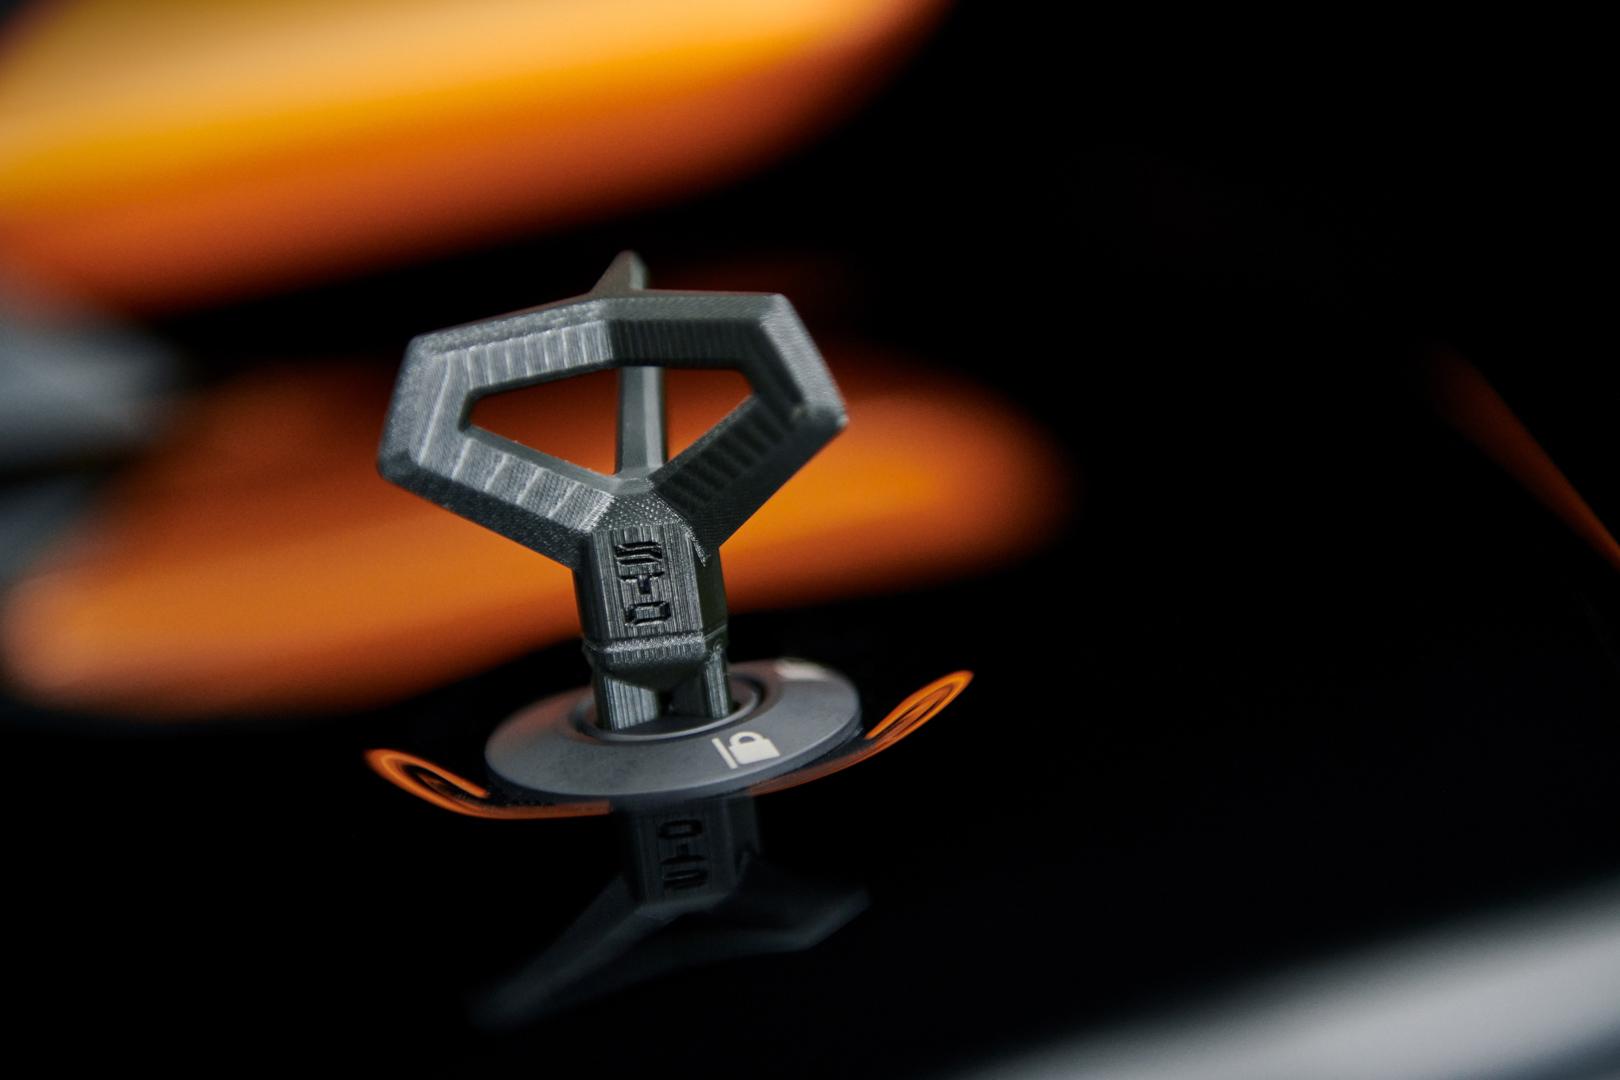 Lamborghini-Huracan-STO-Focu5on-3.jpg